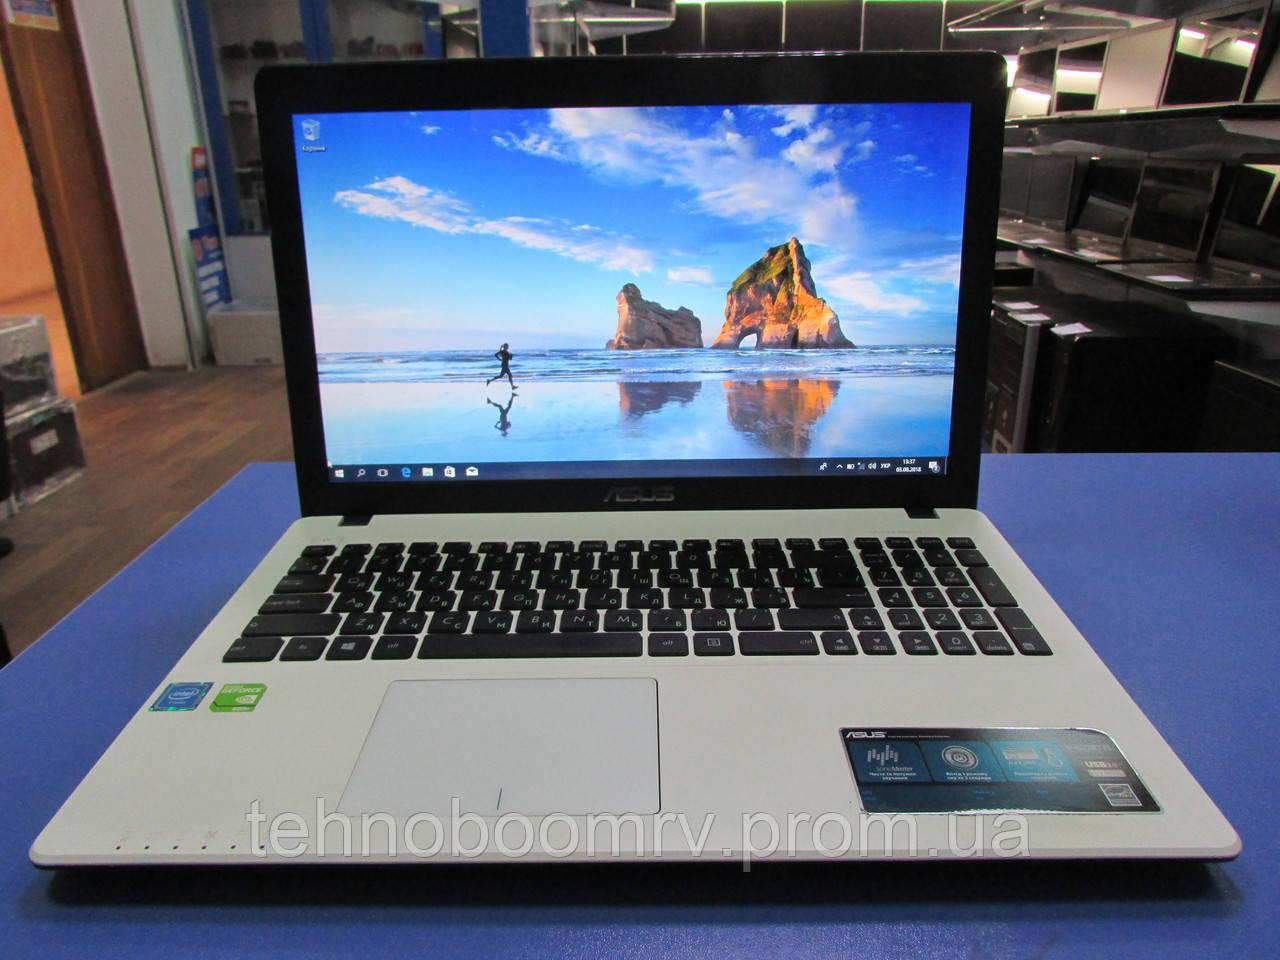 Asus X552M - Intel Celeron N2840 2.58GHz/nVidia GT 920 1GB/DDR3 4GB